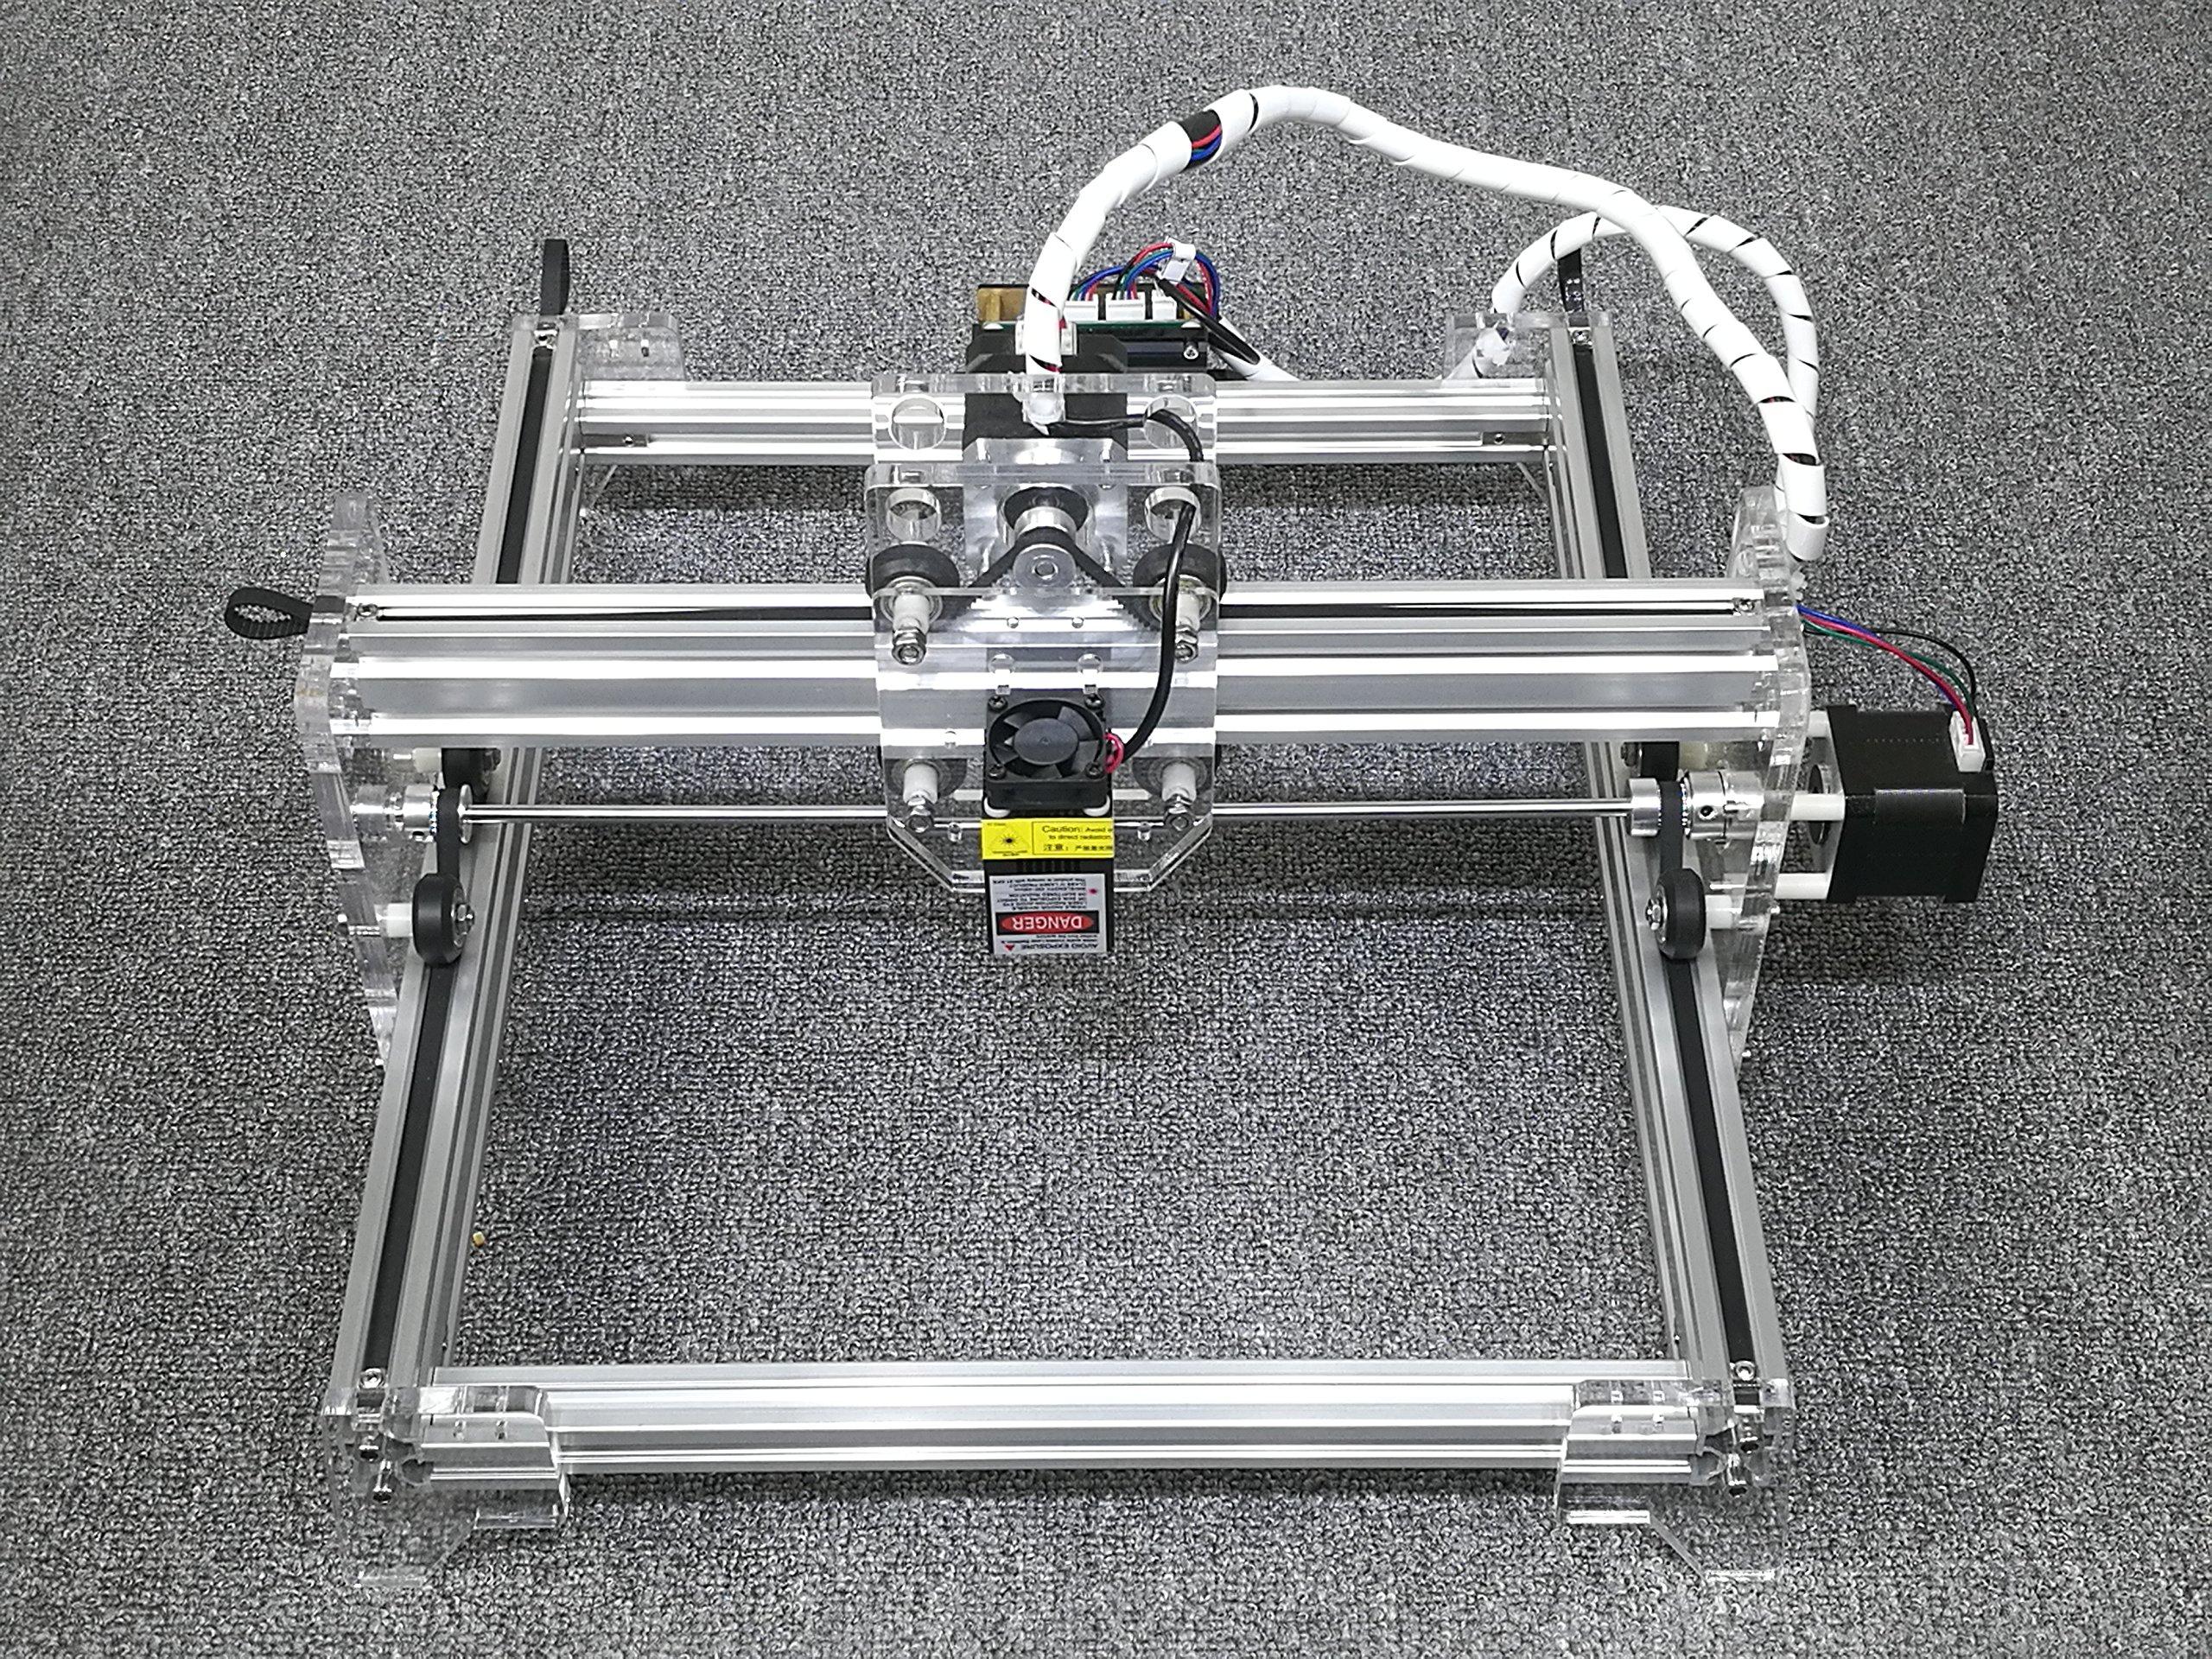 DIY 7000mw laser engraving machine / Laser Engraver/ stainless steel engraving machine / stone engraving machine / metal engraving machine Working Area:21cm25cm